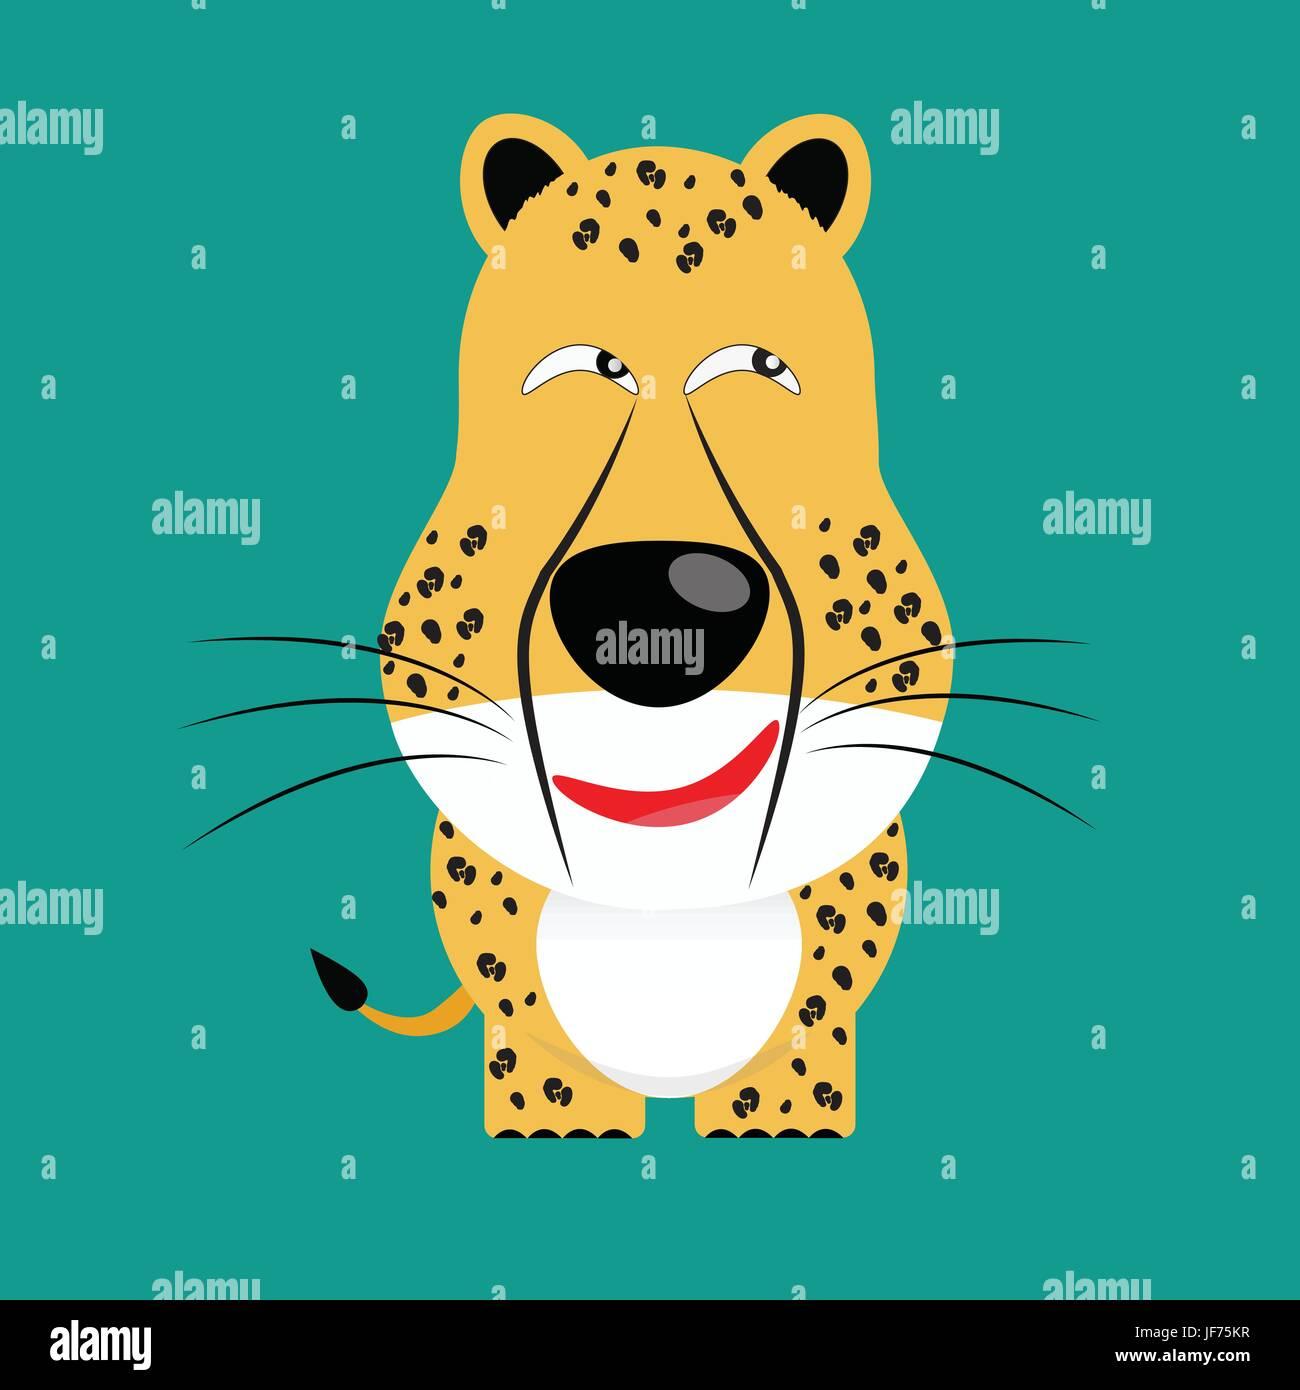 tricky cheetah gartoon character - Stock Image